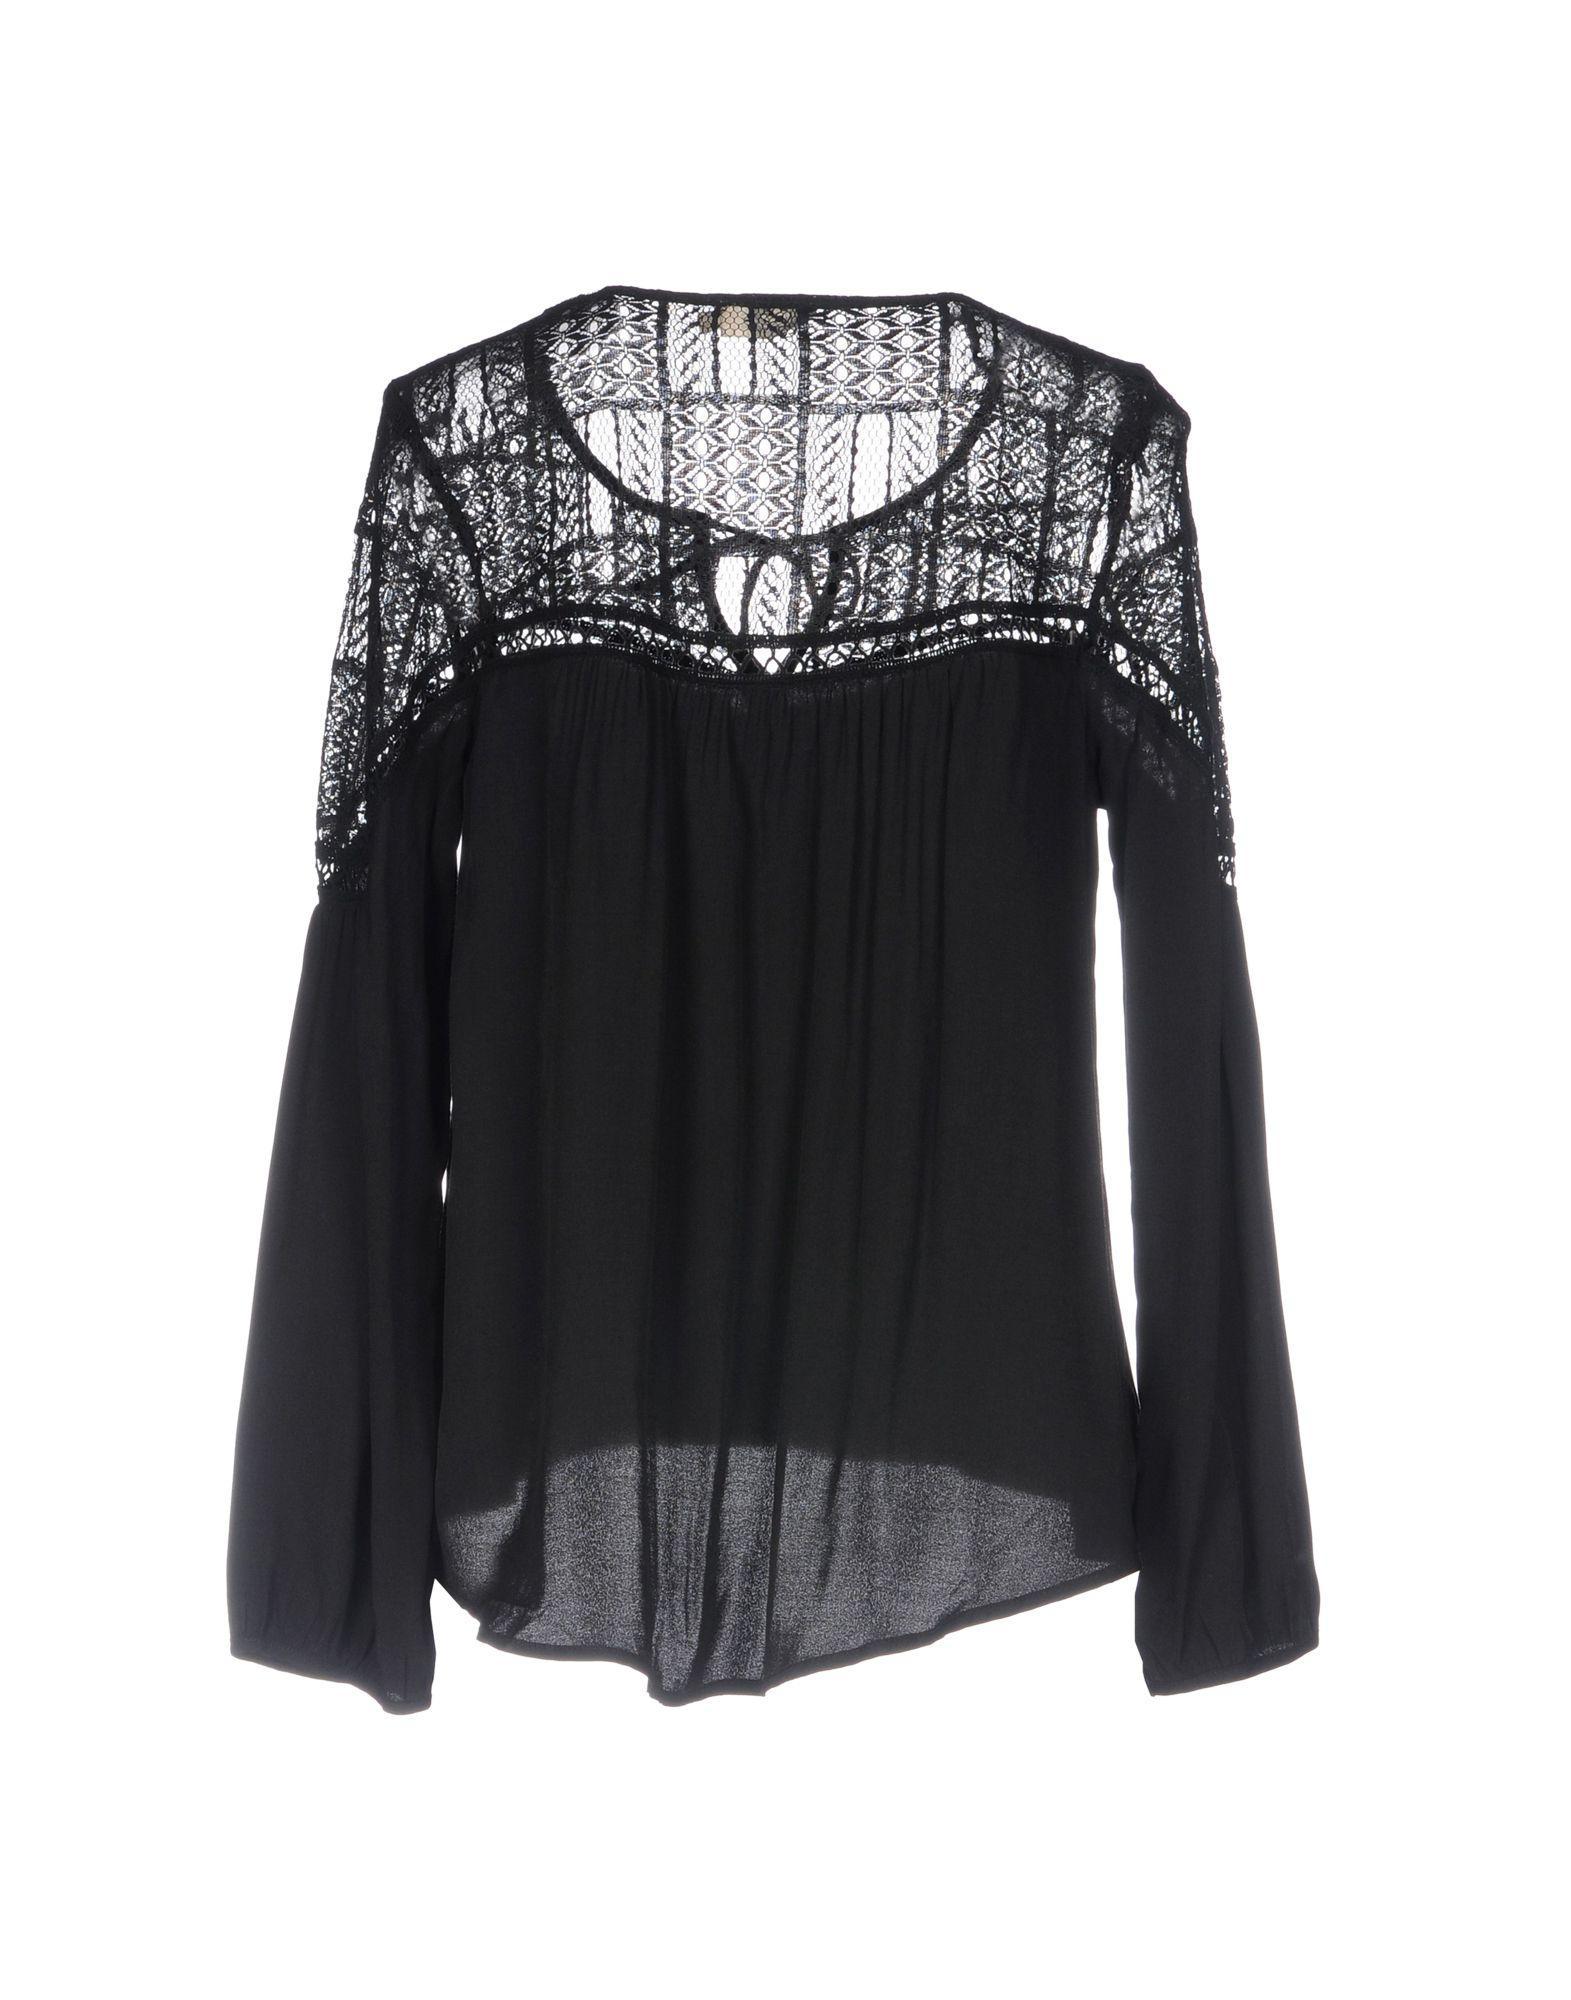 207450ac20fe31 Lyst - Molly Bracken Blouse in Black